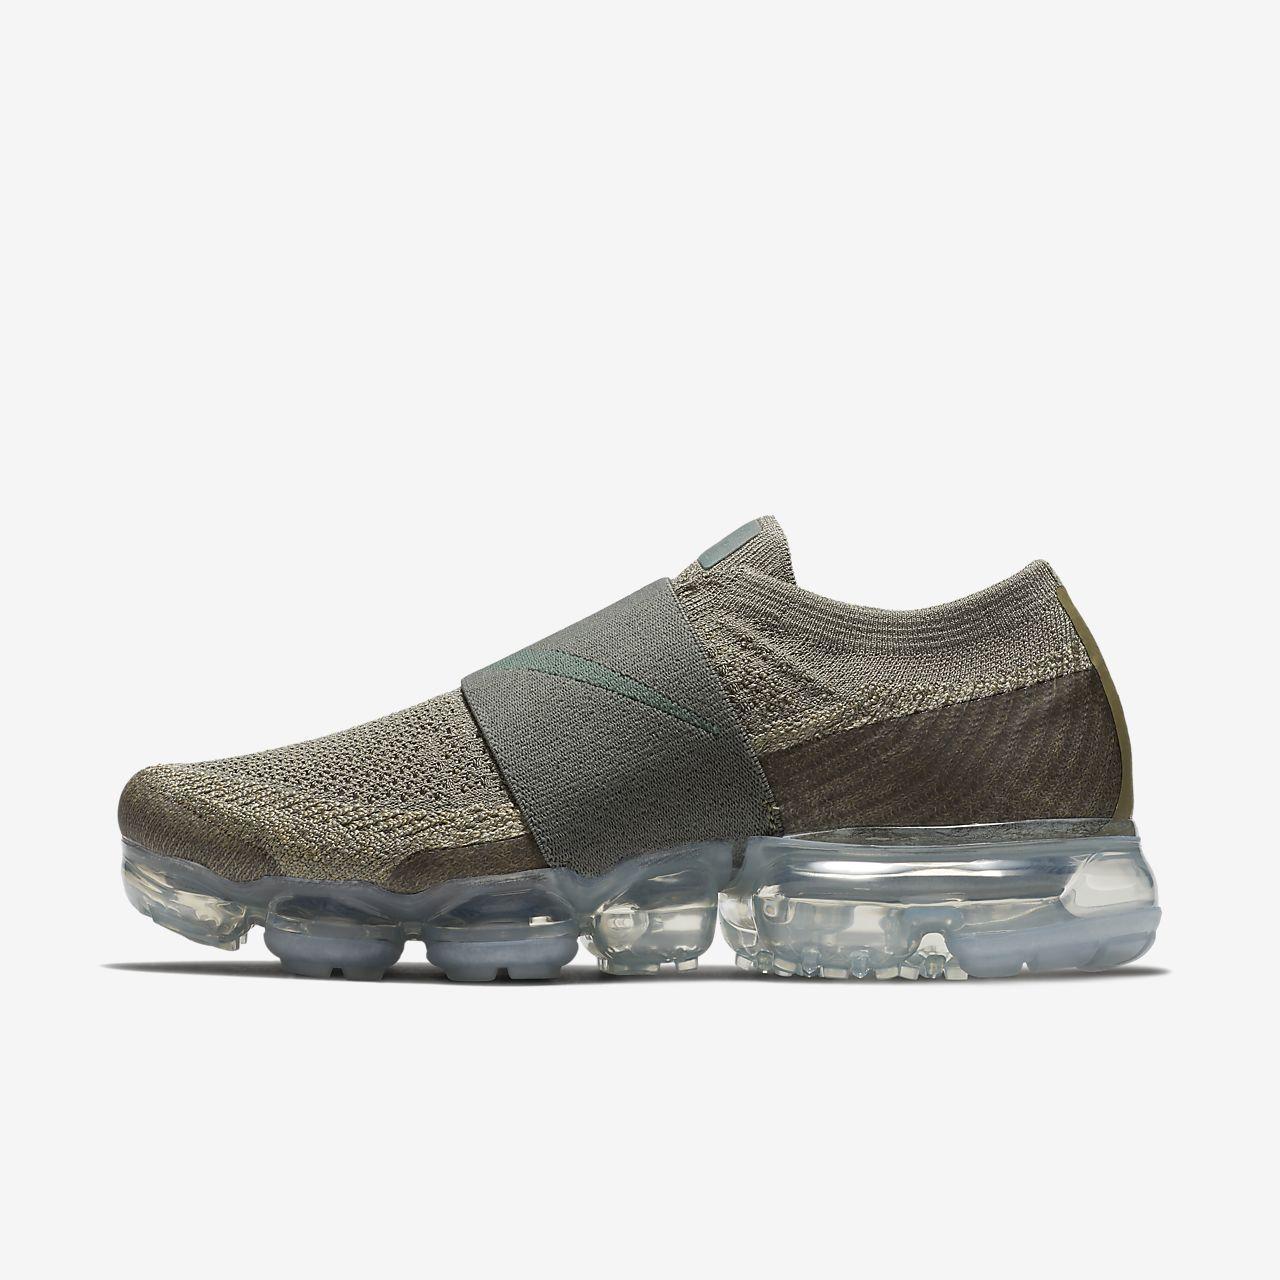 3045f223fc05 Nike Air VaporMax Flyknit Moc Women's Running Shoe | Shoes | Running ...